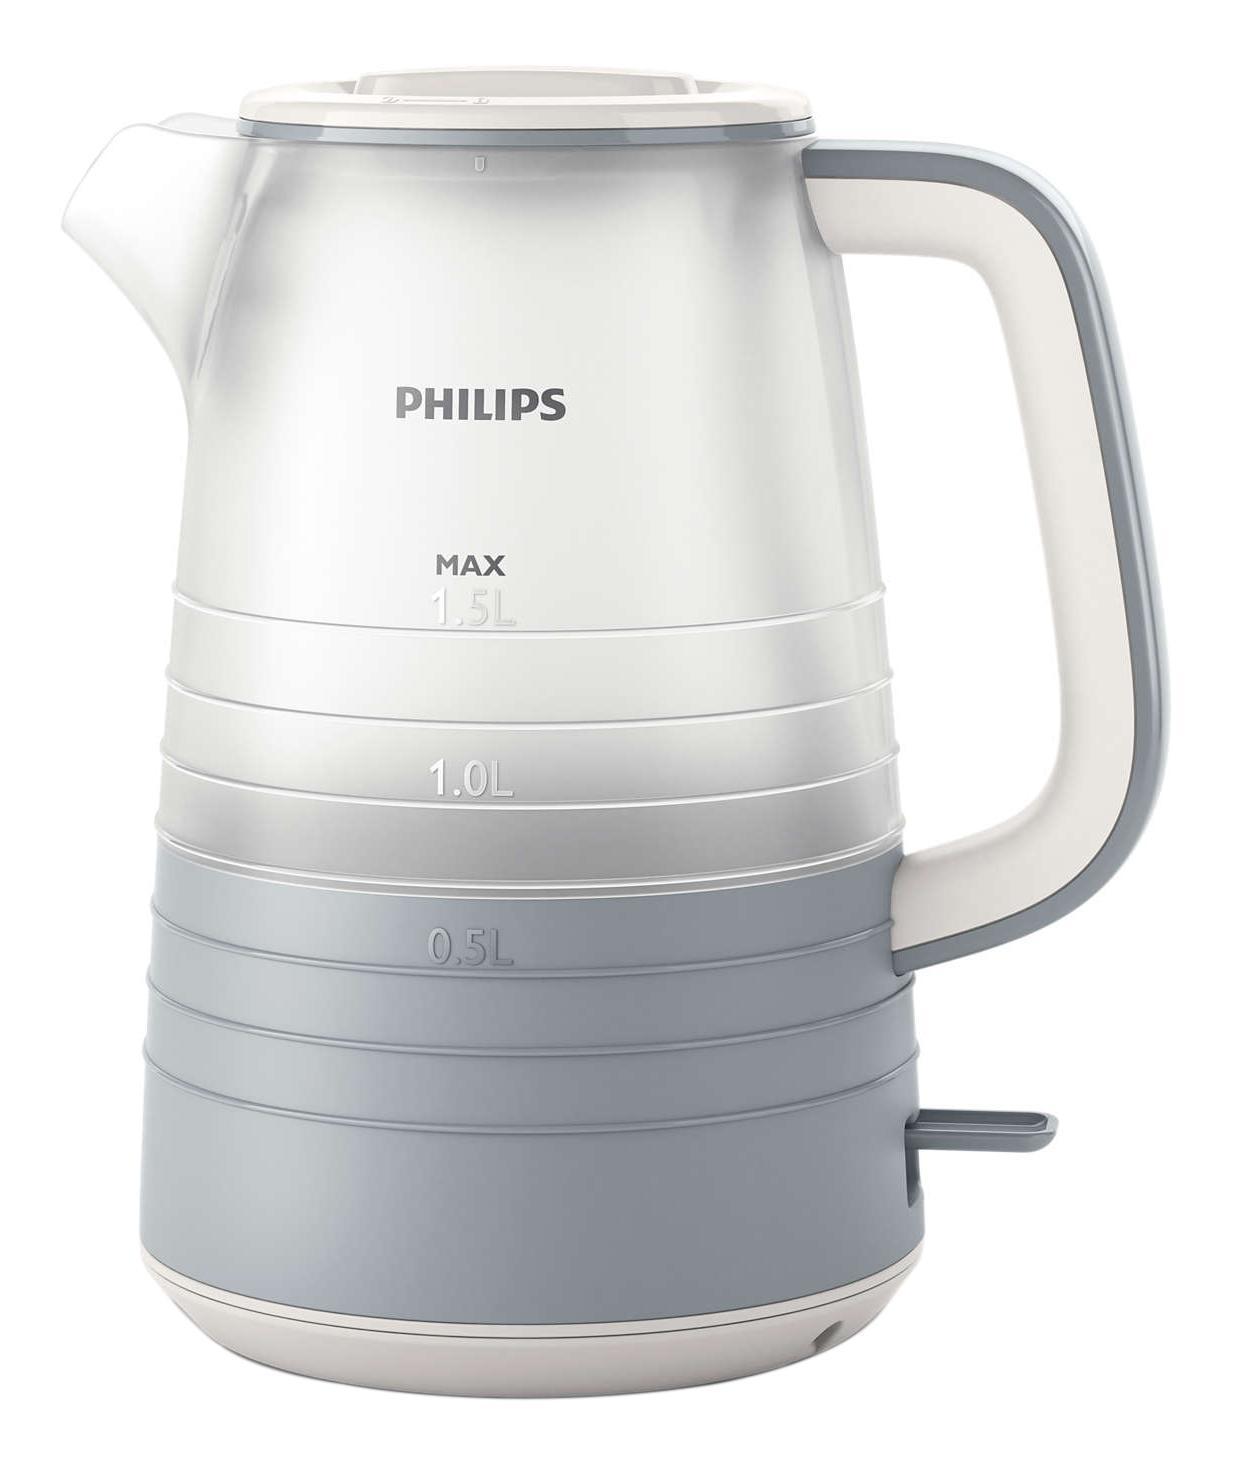 Philips HD9335/31 электрический чайникHD9335/31Благодаря тщательно продуманному дизайну уровень воды в чайнике просматривается под любым углом. Кроме того, микрофильтр эффективно фильтрует воду, удерживая известковые отложения. Надежное и эффективное кипячение воды и долгий срок службы. Понятный индикатор уровня воды просматривается с любой стороны благодаря прозрачному корпусу. Уровень воды обозначается с помощью стильных полосок с указанием количества чашек. Особый дизайн крышки, ручки и переключателя предотвращает образование конденсата и контакт с паром. Съемный микрофильтр в носике удерживает все частицы накипи размером > 180 микрон, чтобы вода всегда была чистой. Комплексная система безопасности для предотвращения короткого замыкания и выкипания воды. Функция автовыключения активируется, когда процесс завершается или прибор снимается с основания. Шнур оборачивается вокруг основания, что позволяет легко разместить чайник на кухне. Встроенный нагревательный...